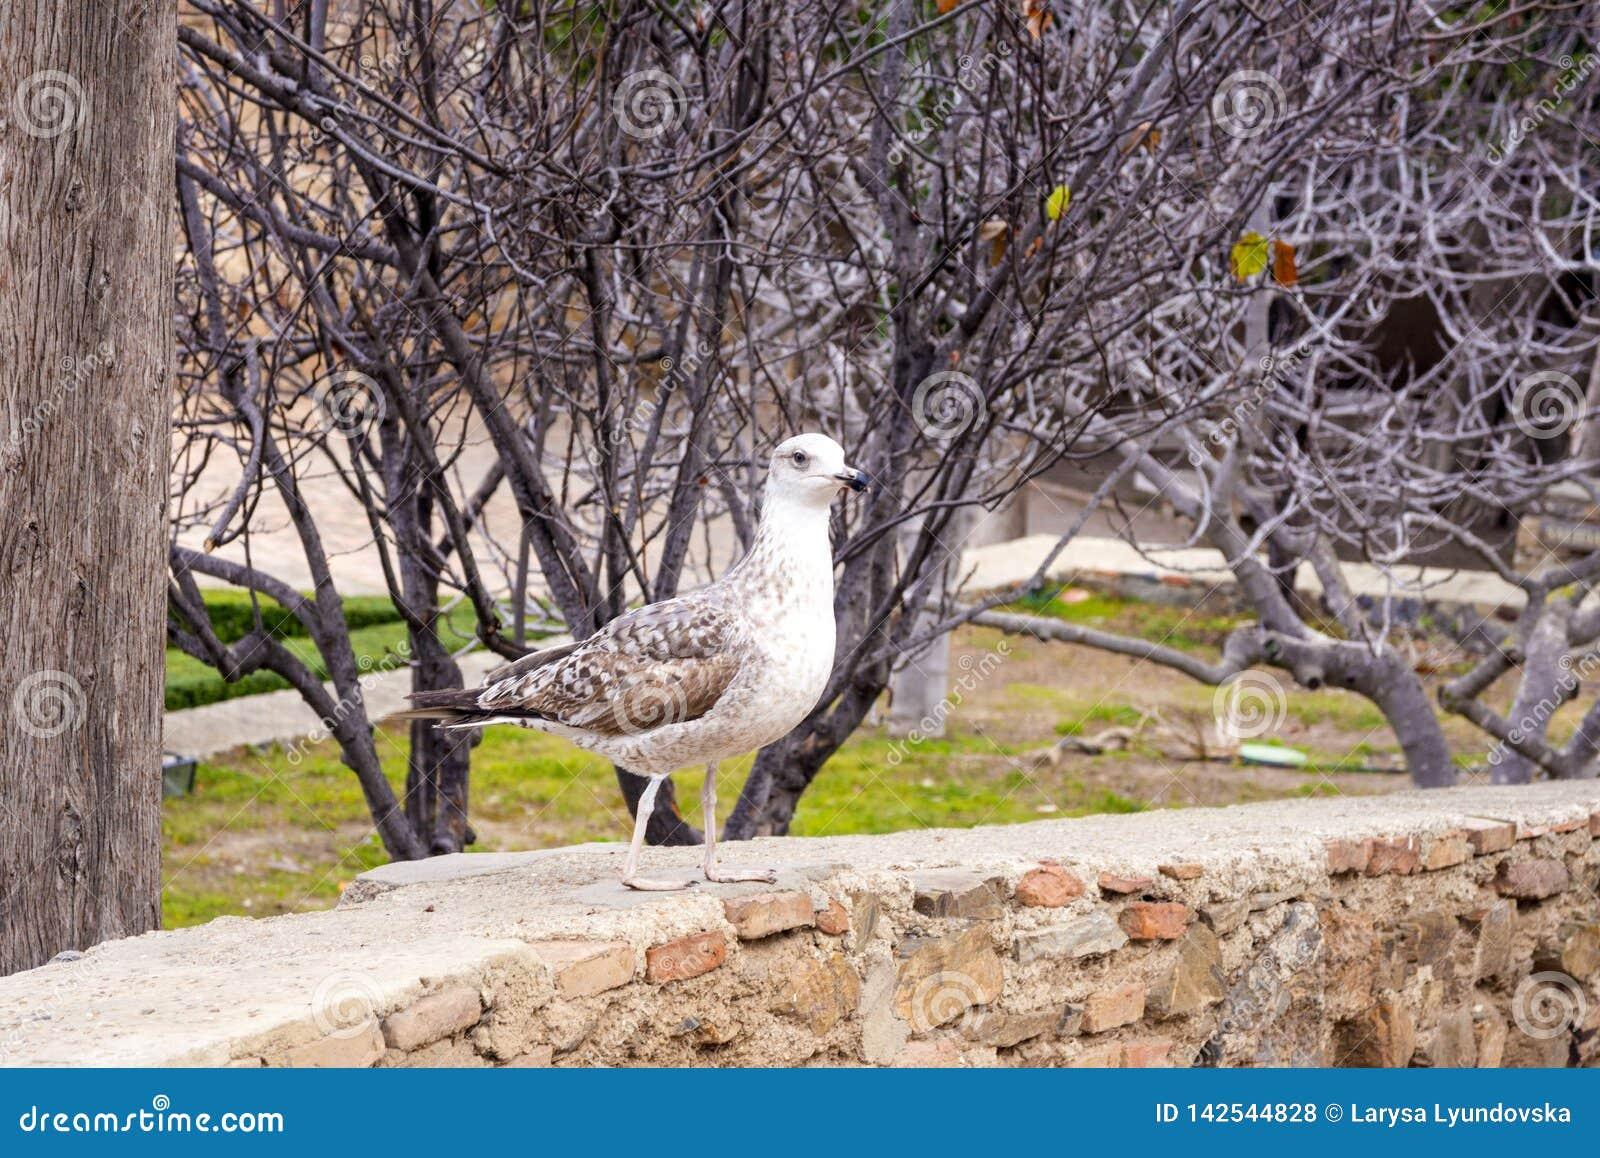 Een jonge zilveren grote meeuw, Larus-argentatus, in een park in de vesting Gibralfaro in de Spaanse stad van Malaga, Spanje